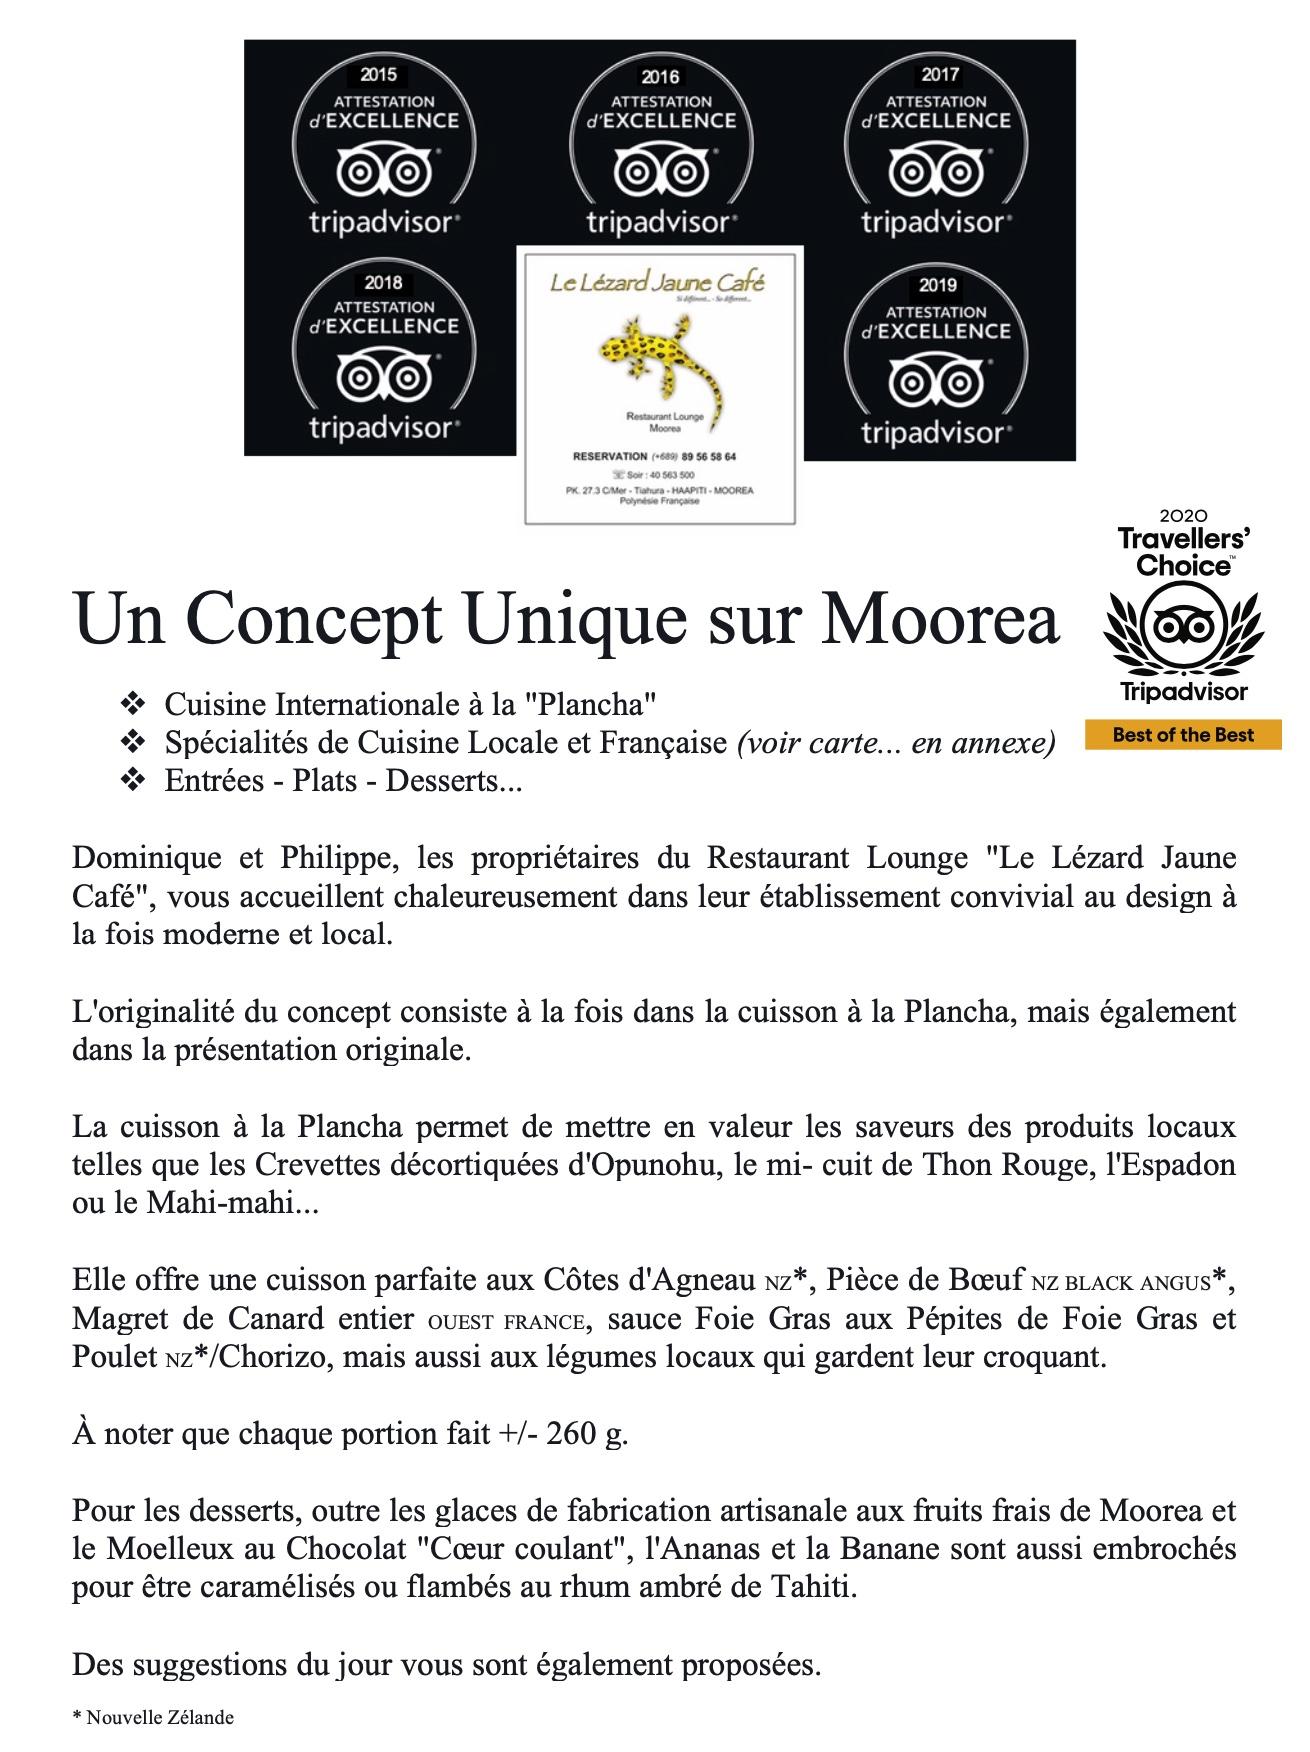 https://tahititourisme.com/wp-content/uploads/2017/08/1ère-de-page-FACEBOOK-2020.jpg